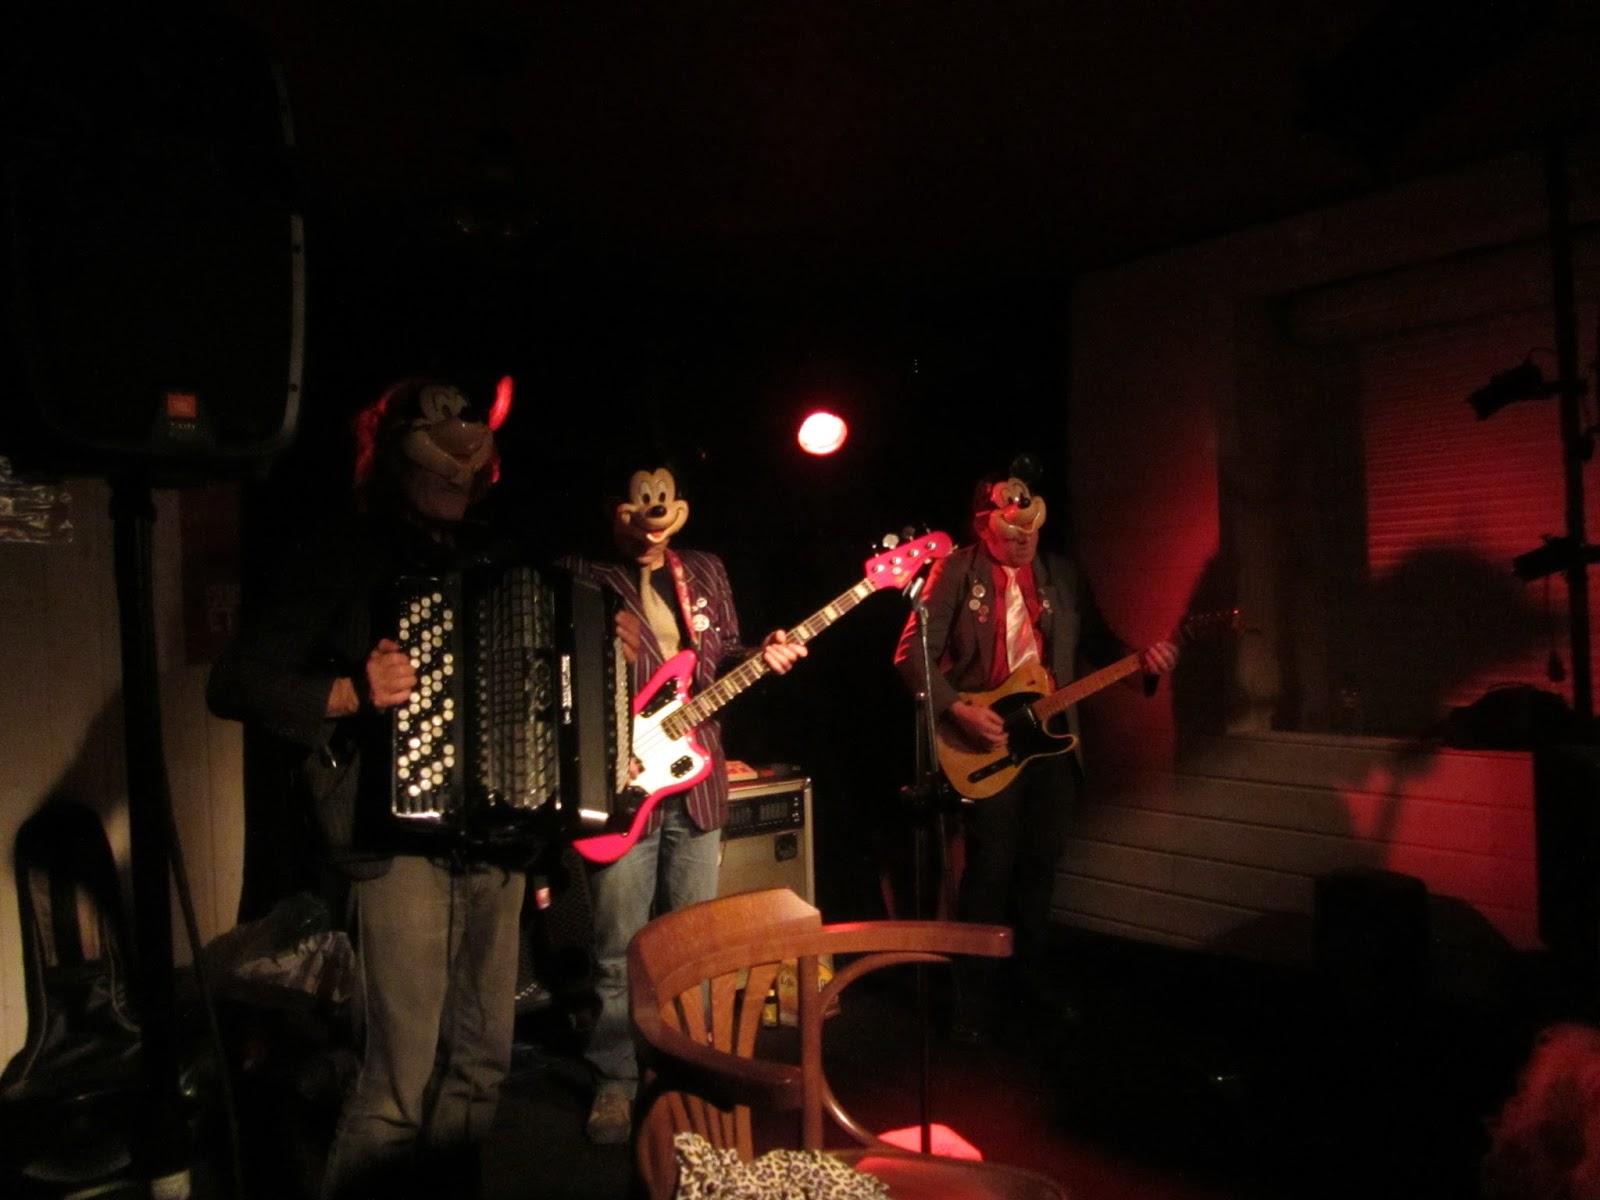 L'Audomarois, bar-tabac bistrot culturel de proximité à St-Omer-de-Blain 44 – 20 mars 2015 – St-Patrick - concert : The Massacror's, rock'n'roll français.